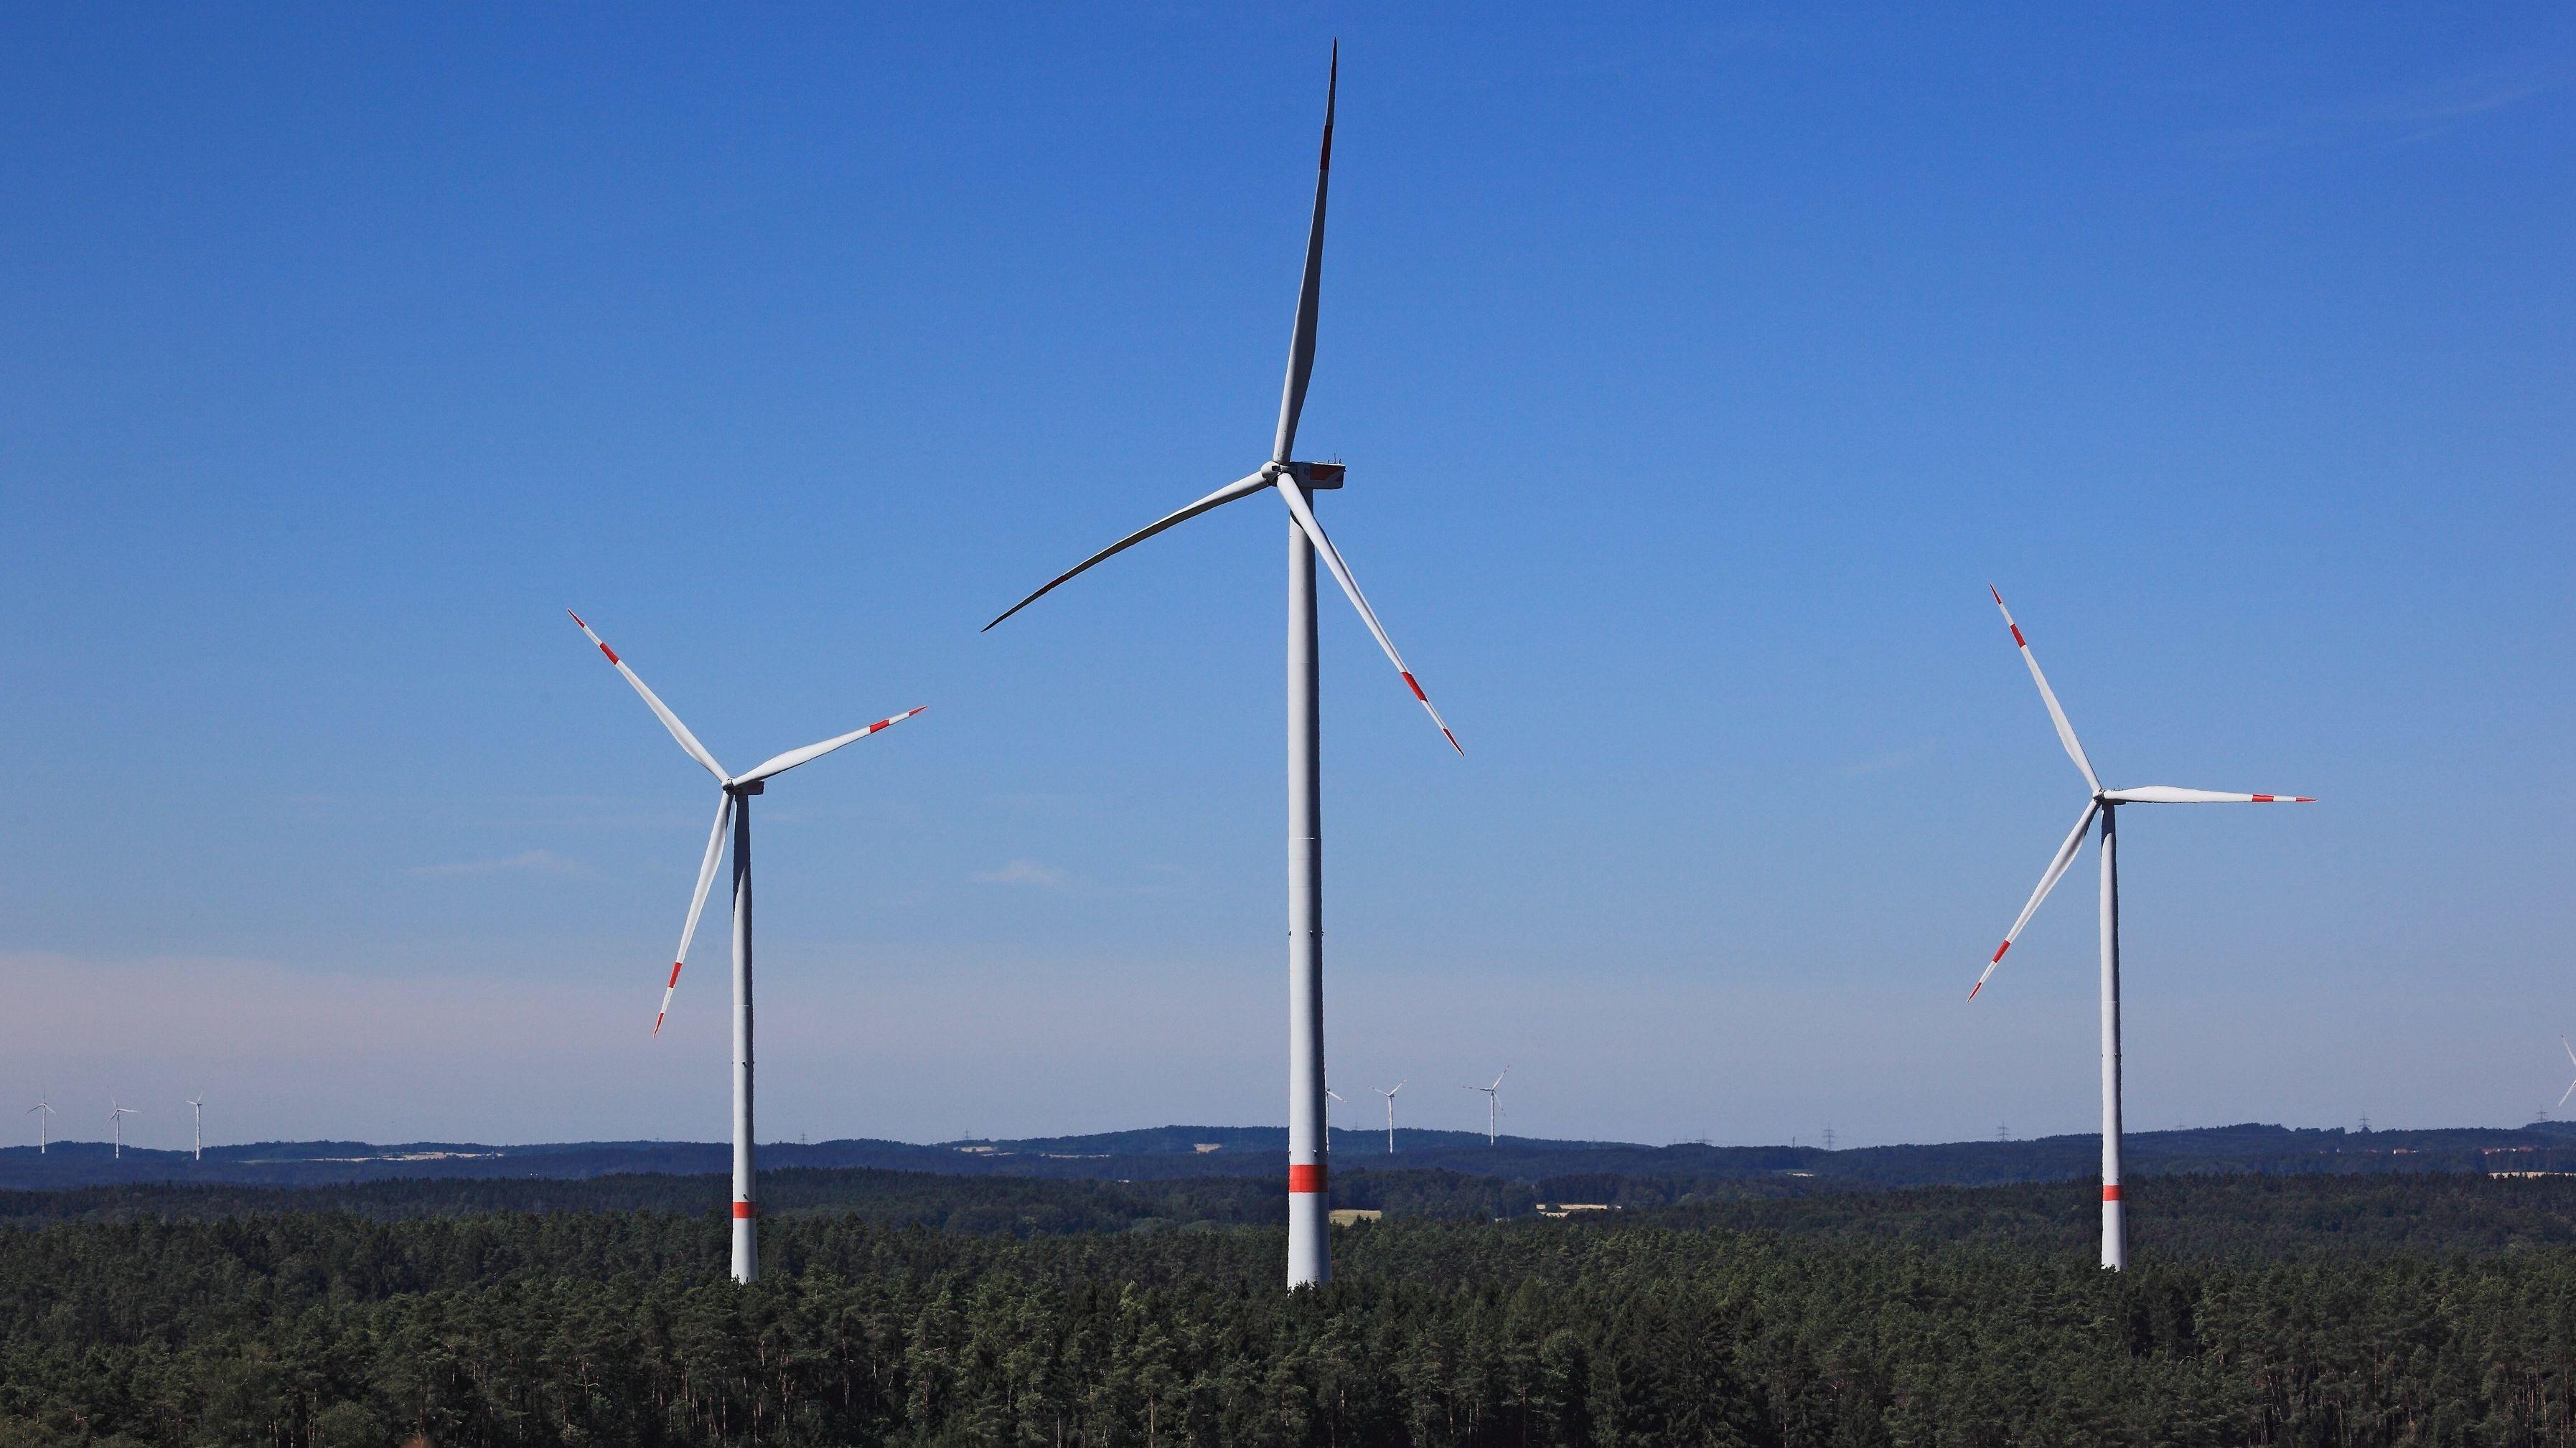 Windgeneratoren in der Landschaft, Bayern, Deutschland